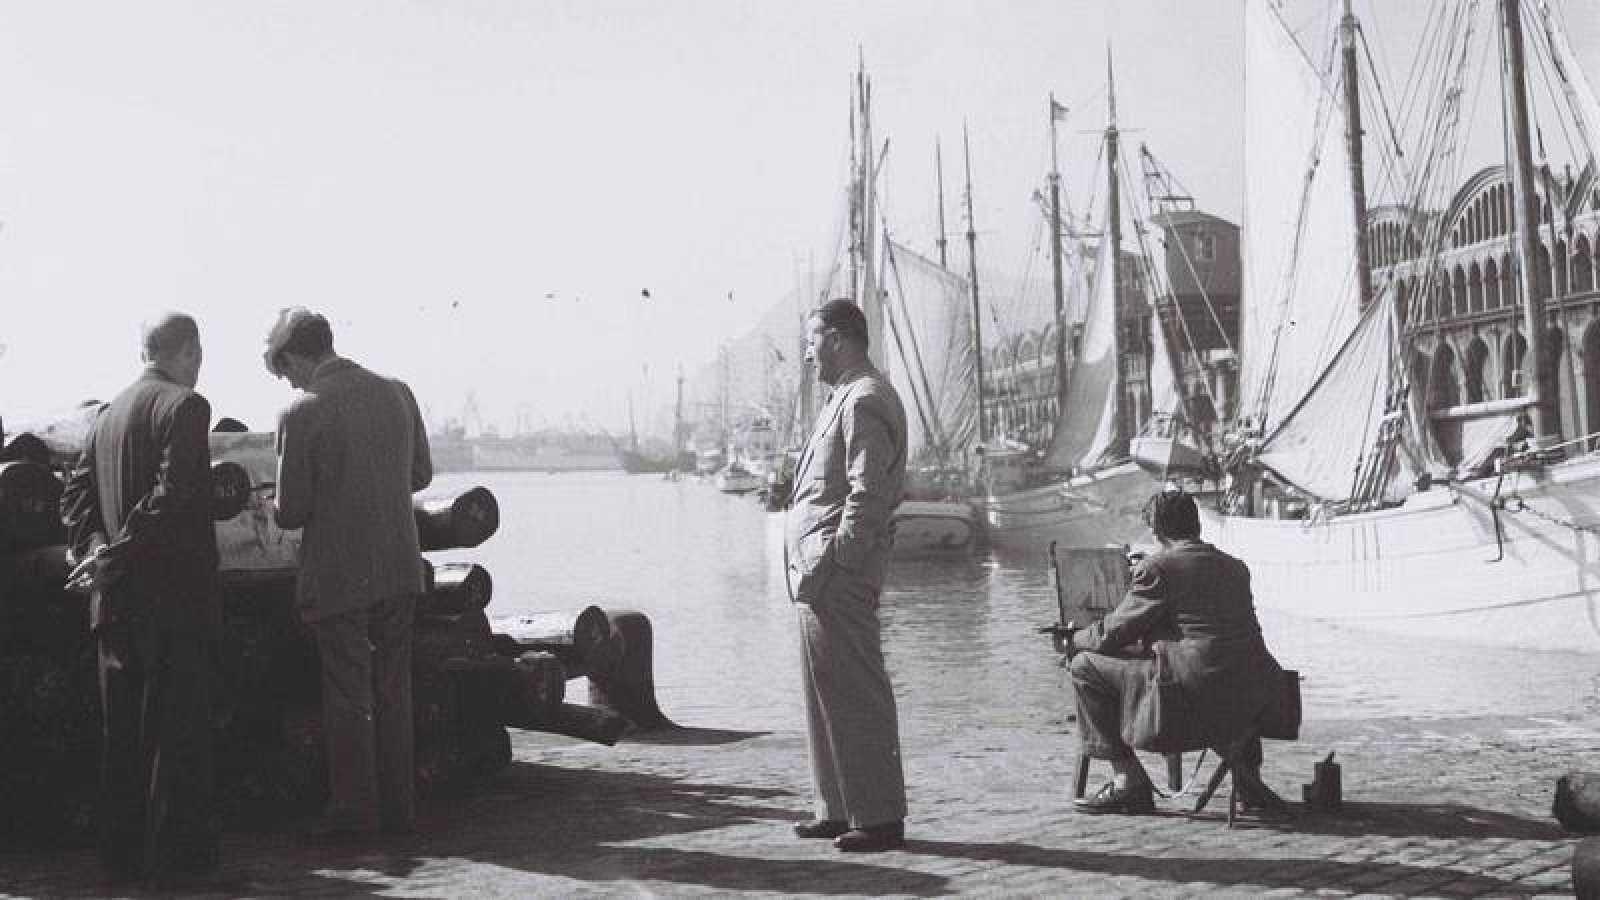 La mayoría de las fotos están tomadas en Cataluña en los años 40, 50 y 60 del pasado siglo